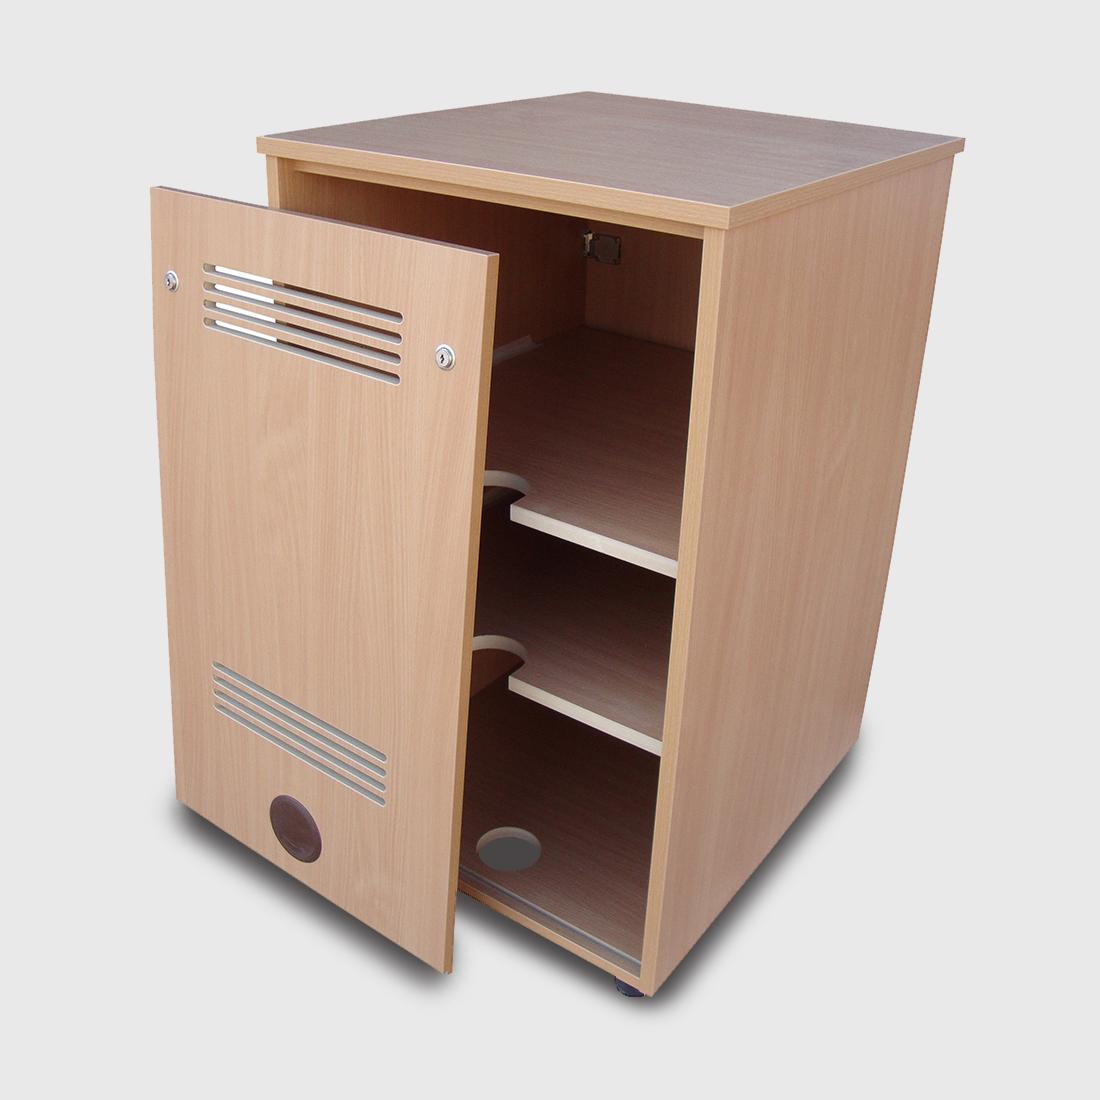 designs salamander shipping av cabinet berlin free triple